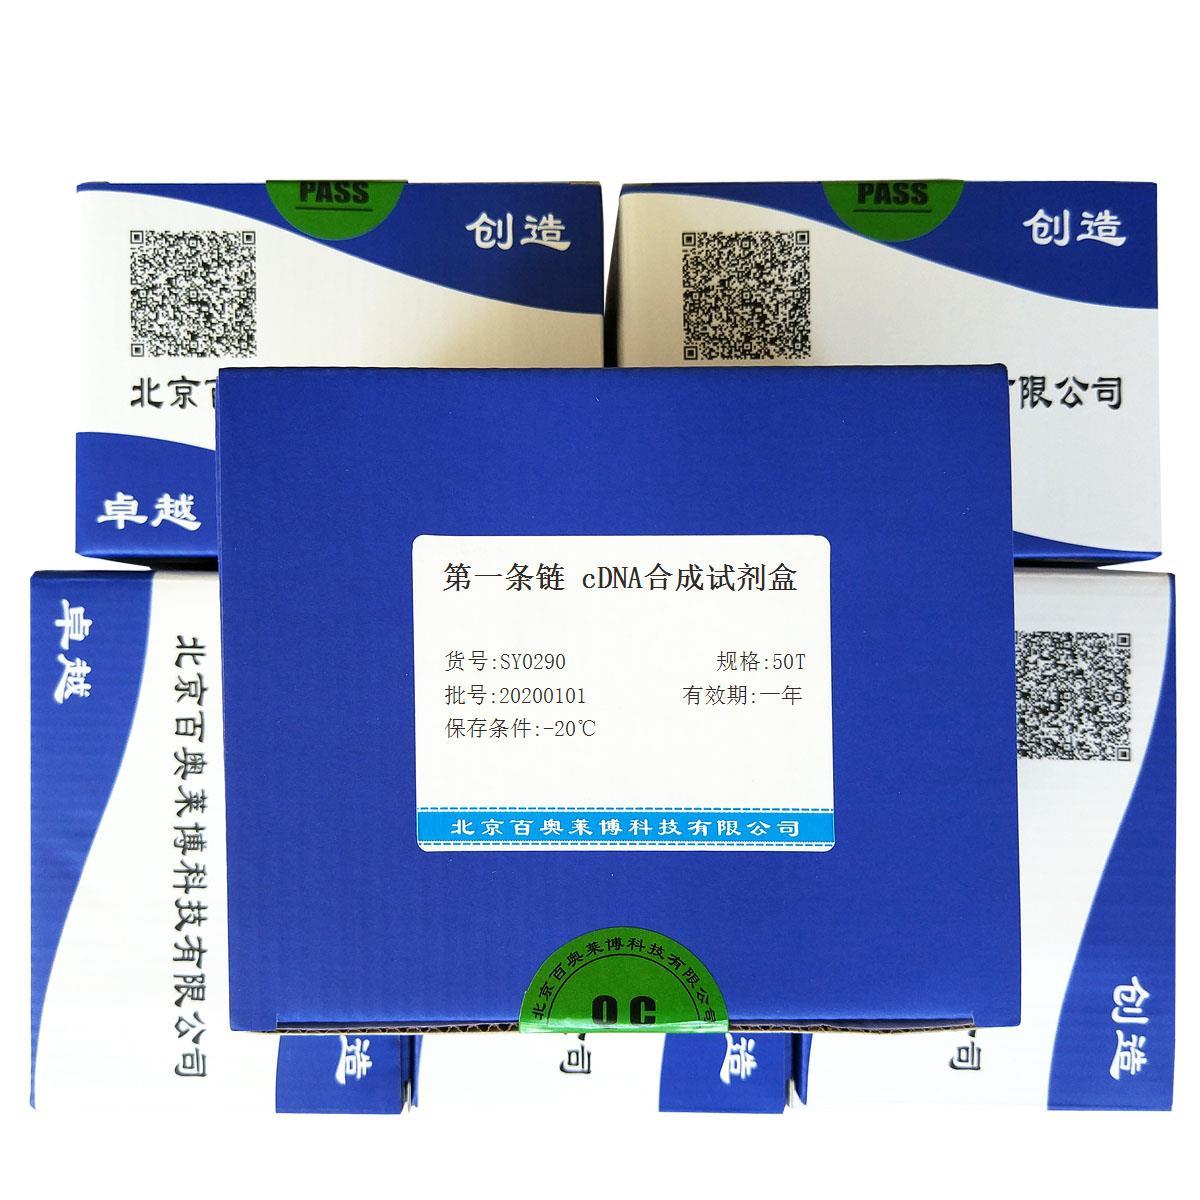 第一条链 cDNA合成试剂盒北京厂家